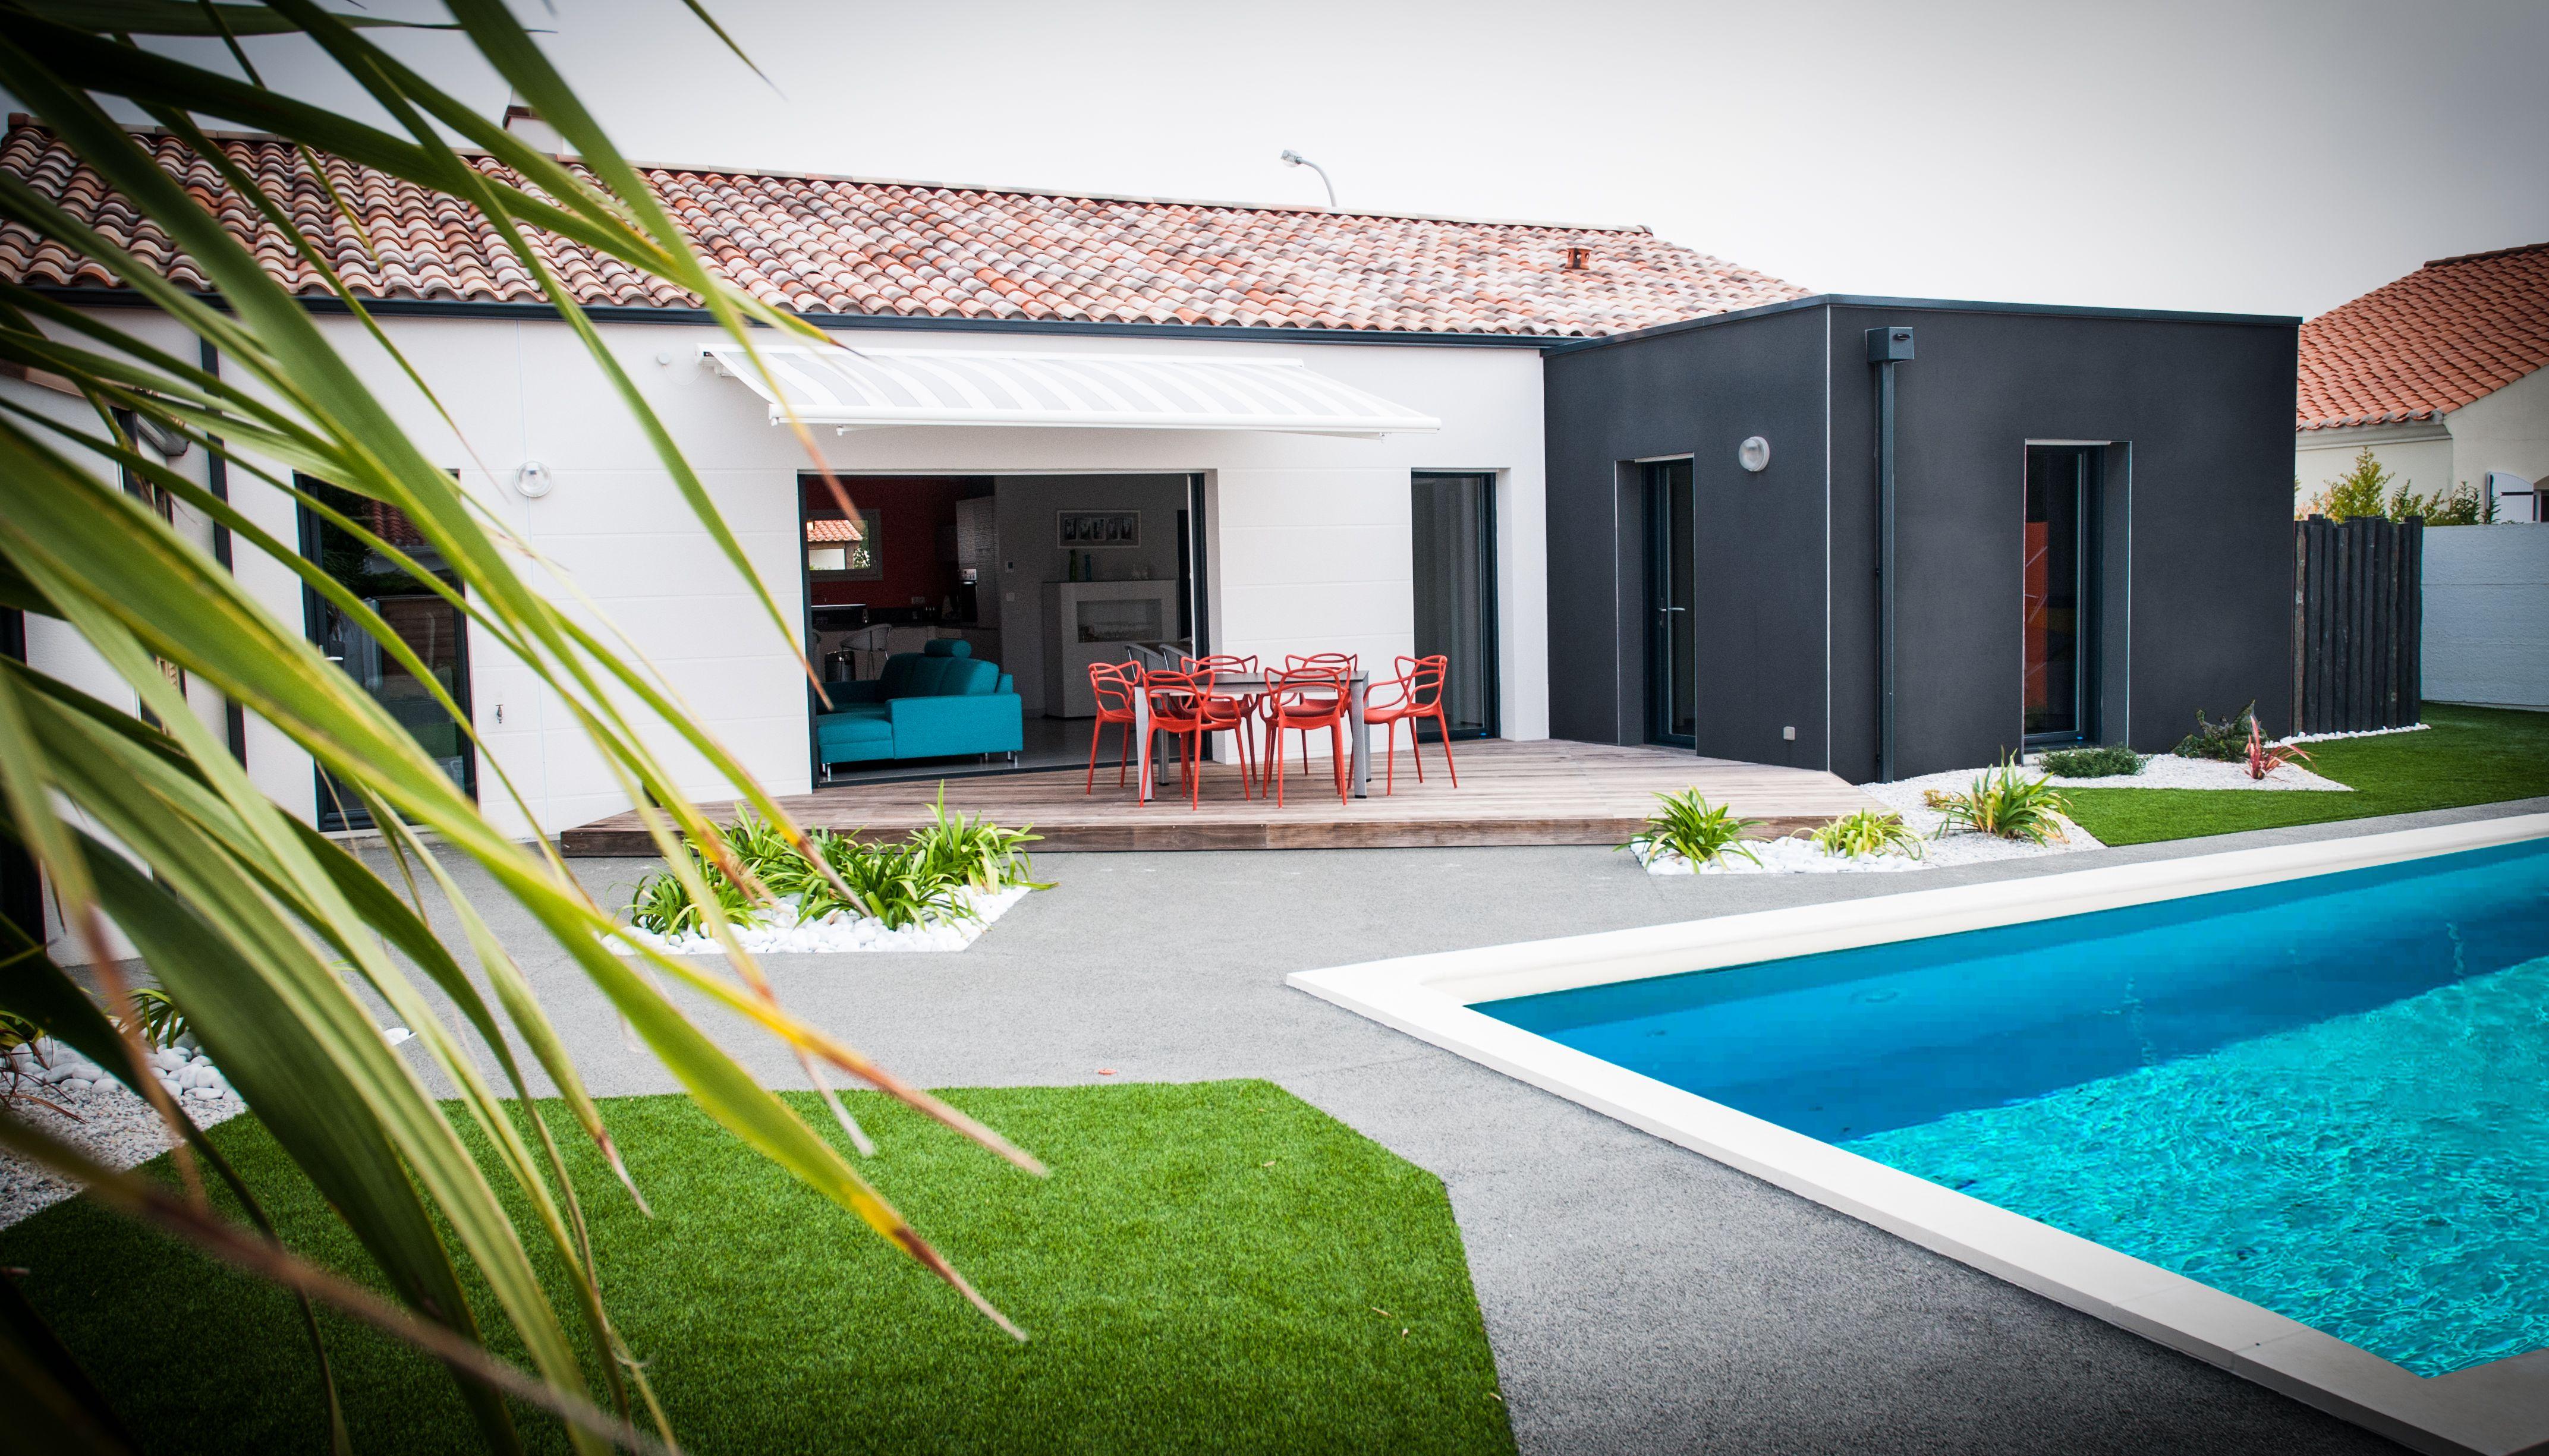 Maison Constructeur de Maison Maisons d en France Atlantique